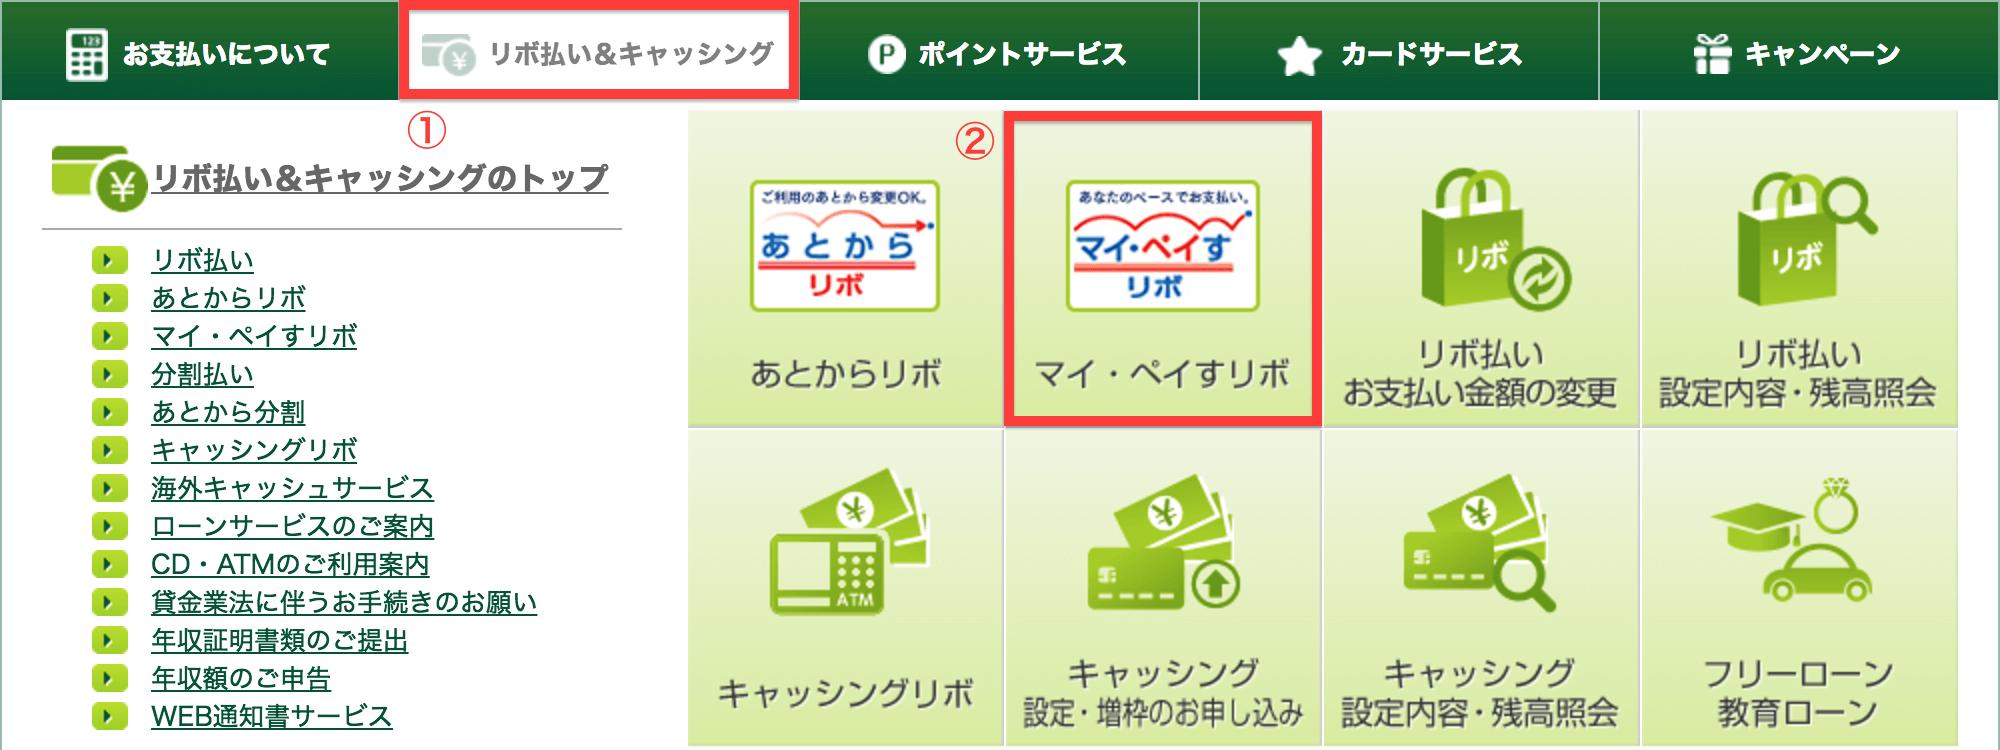 三井住友カード マイ・ペイすリボ 2